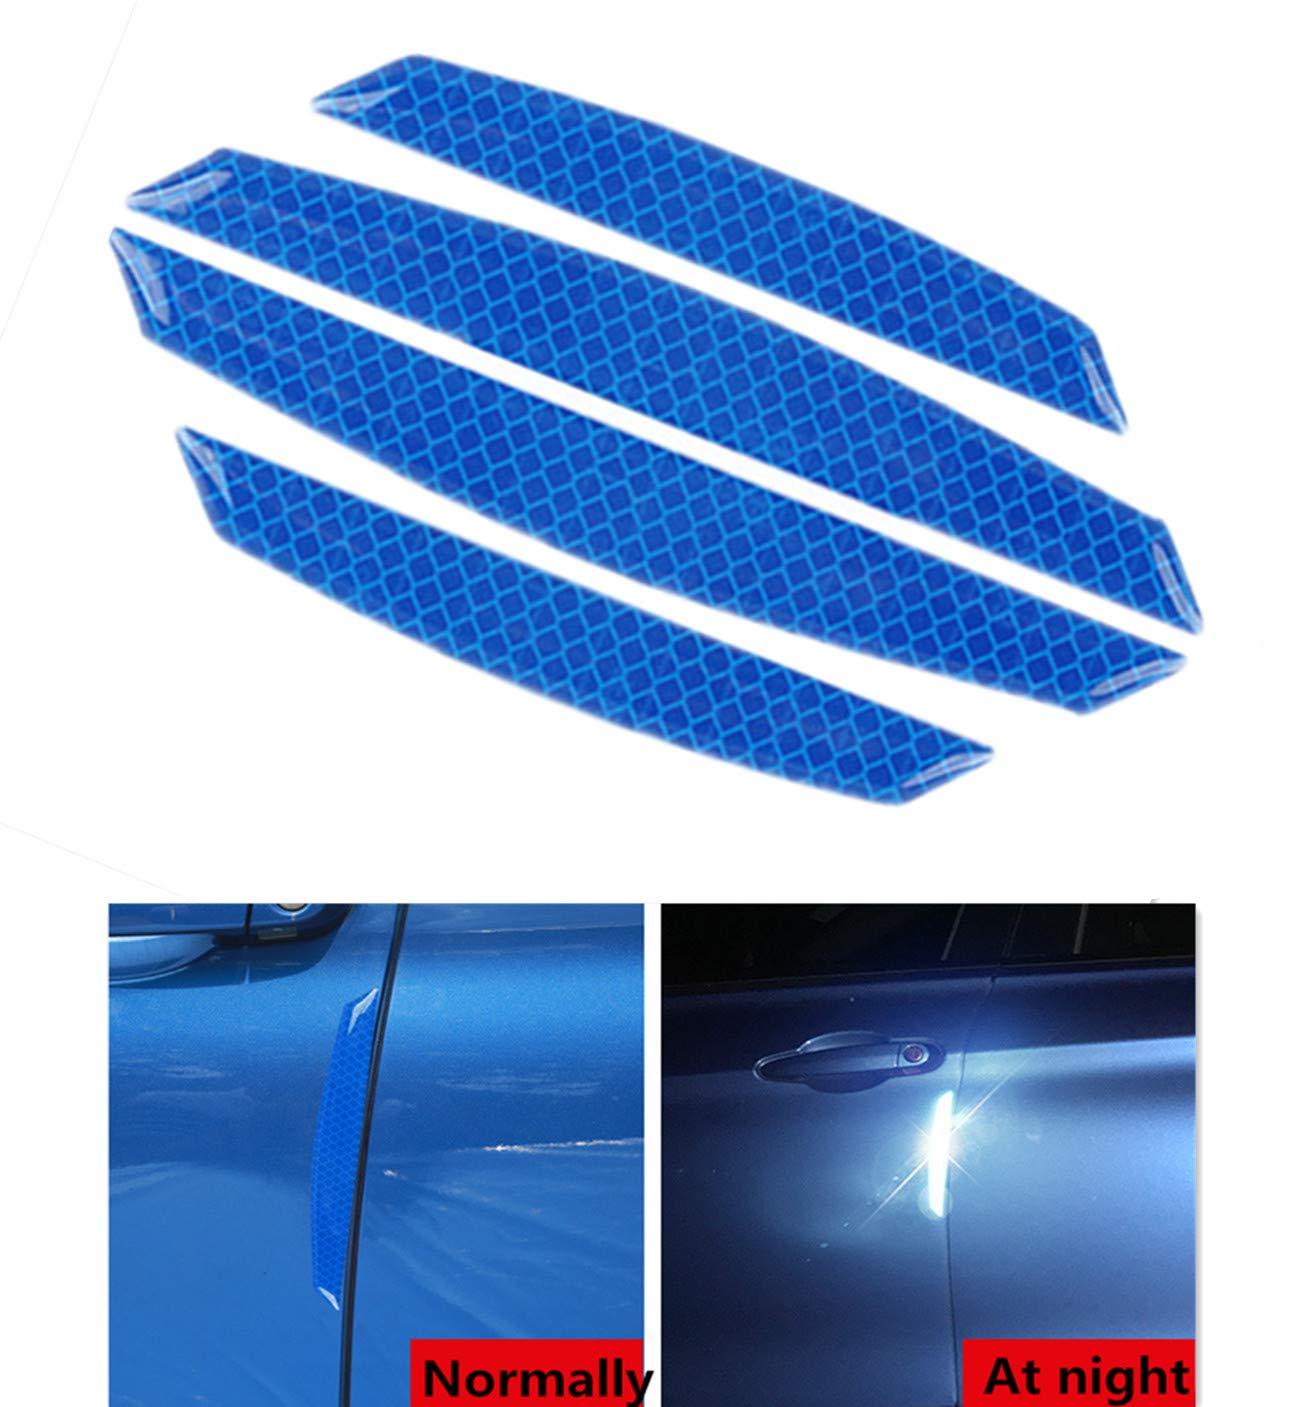 Puerta autom/ática Espejo retrovisor de coche lateral pegatina for el parachoques del coche de fibra de carbono protector de fibra de carbono de la PU de superficie anti-Rub borde de puerta Tiras Nomb